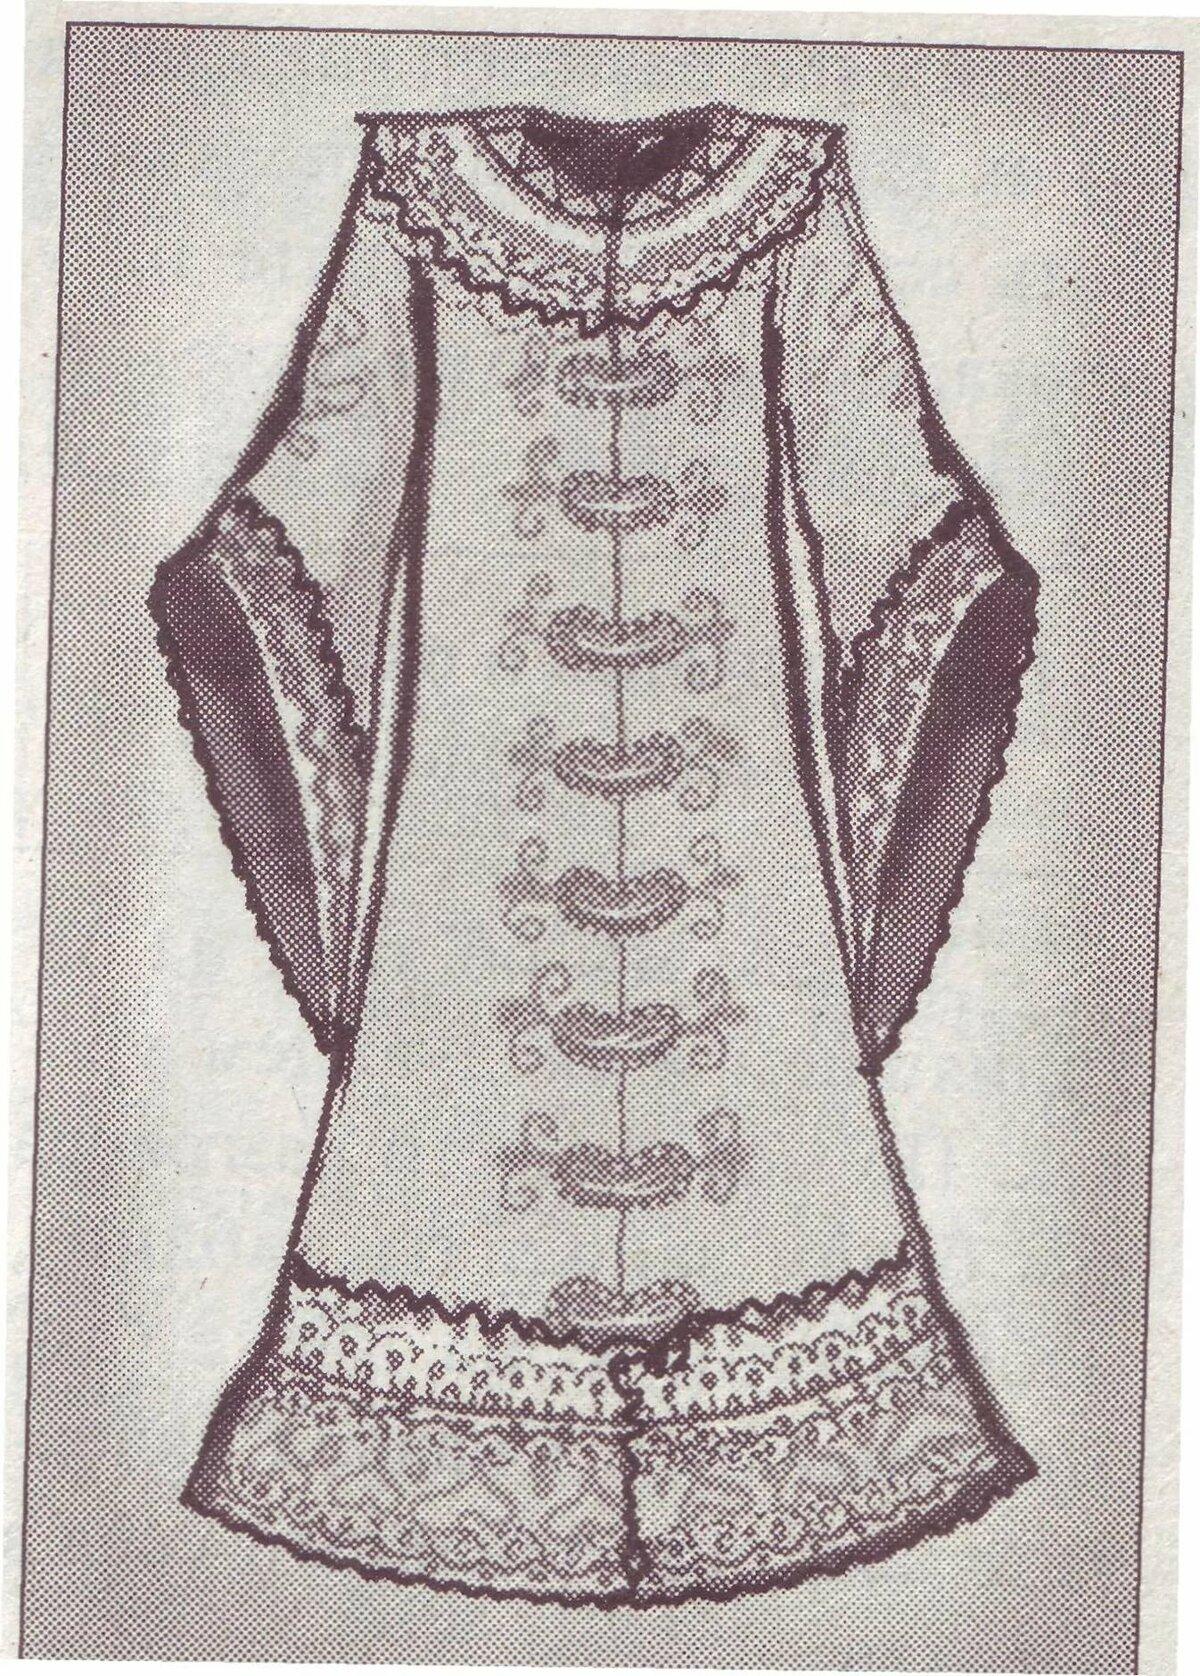 рисунки крутых костюмов с узорами классической формы вышитой